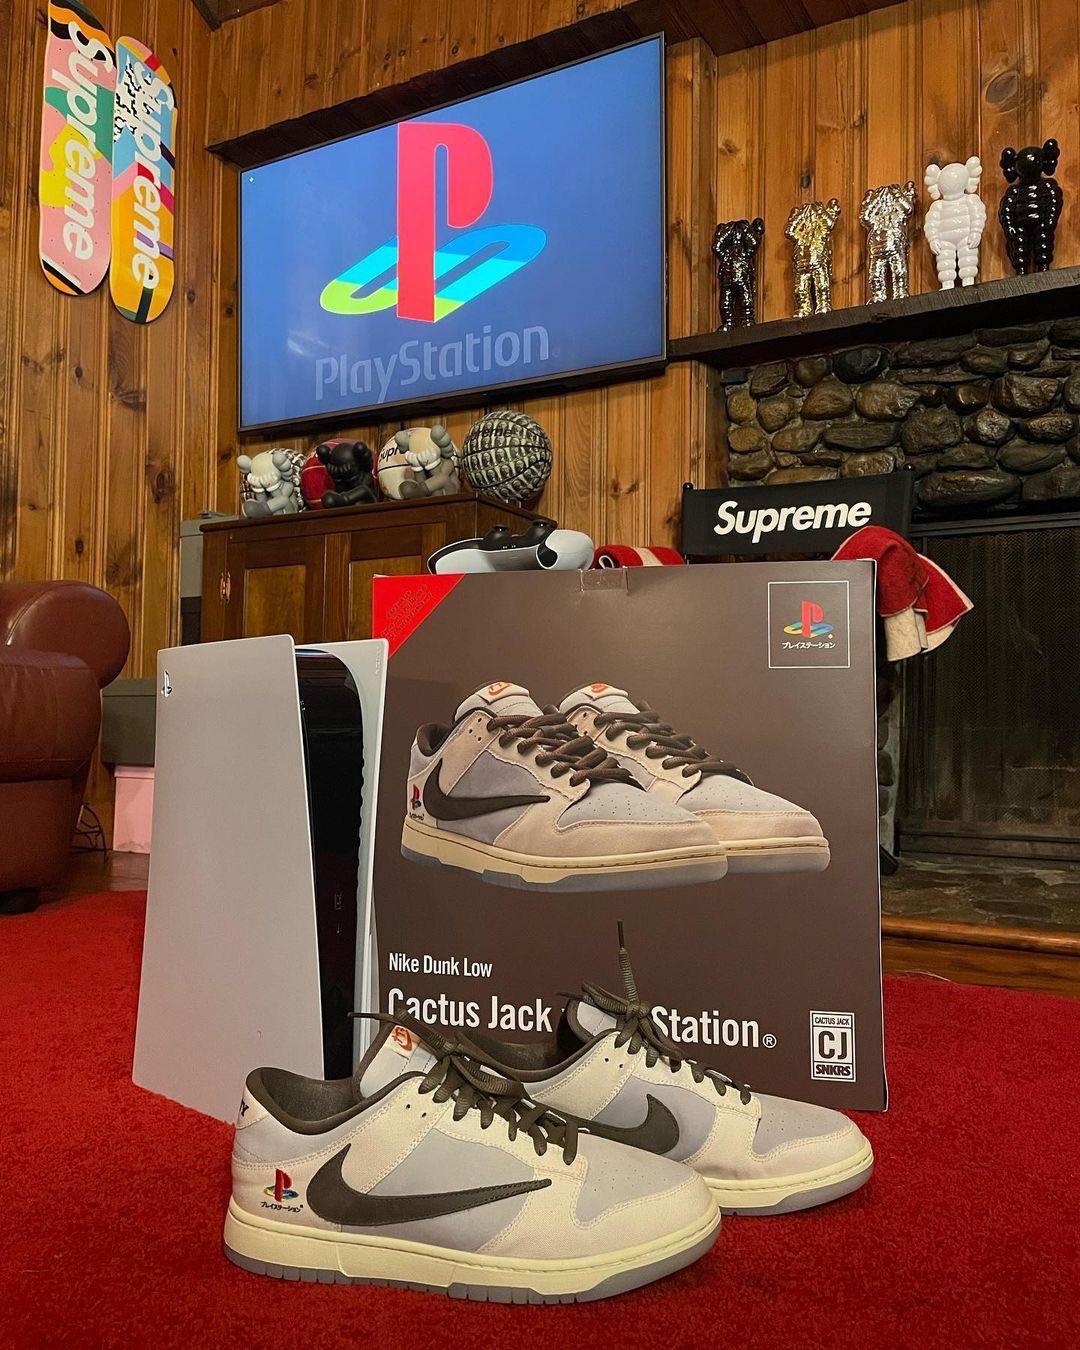 Sneakers Nike colaboración entre Play Station y Travis scott